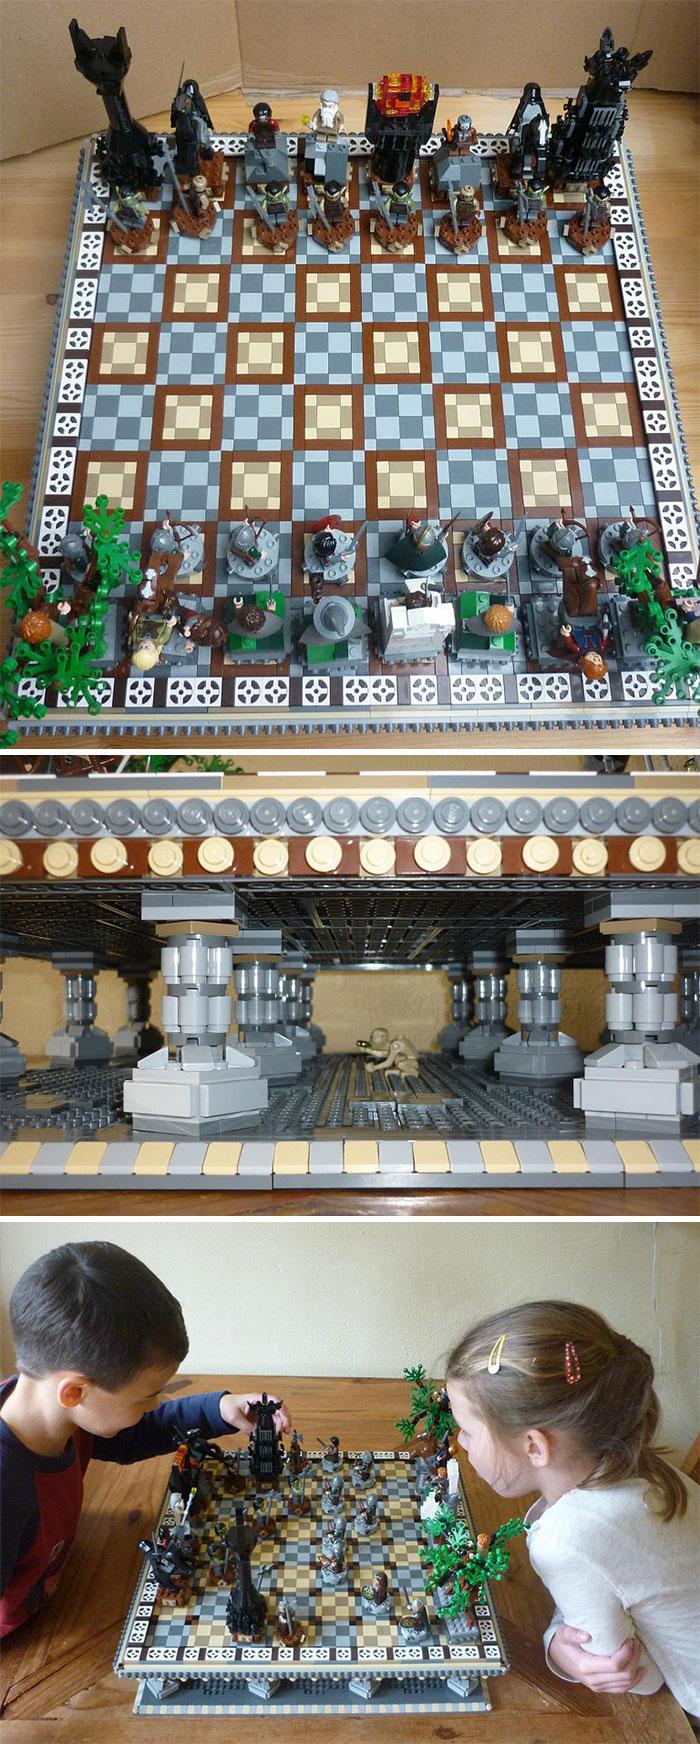 Шахматы из Lego. При помощи конструктора можно превратить эту древнюю игру в еще более увлекательное